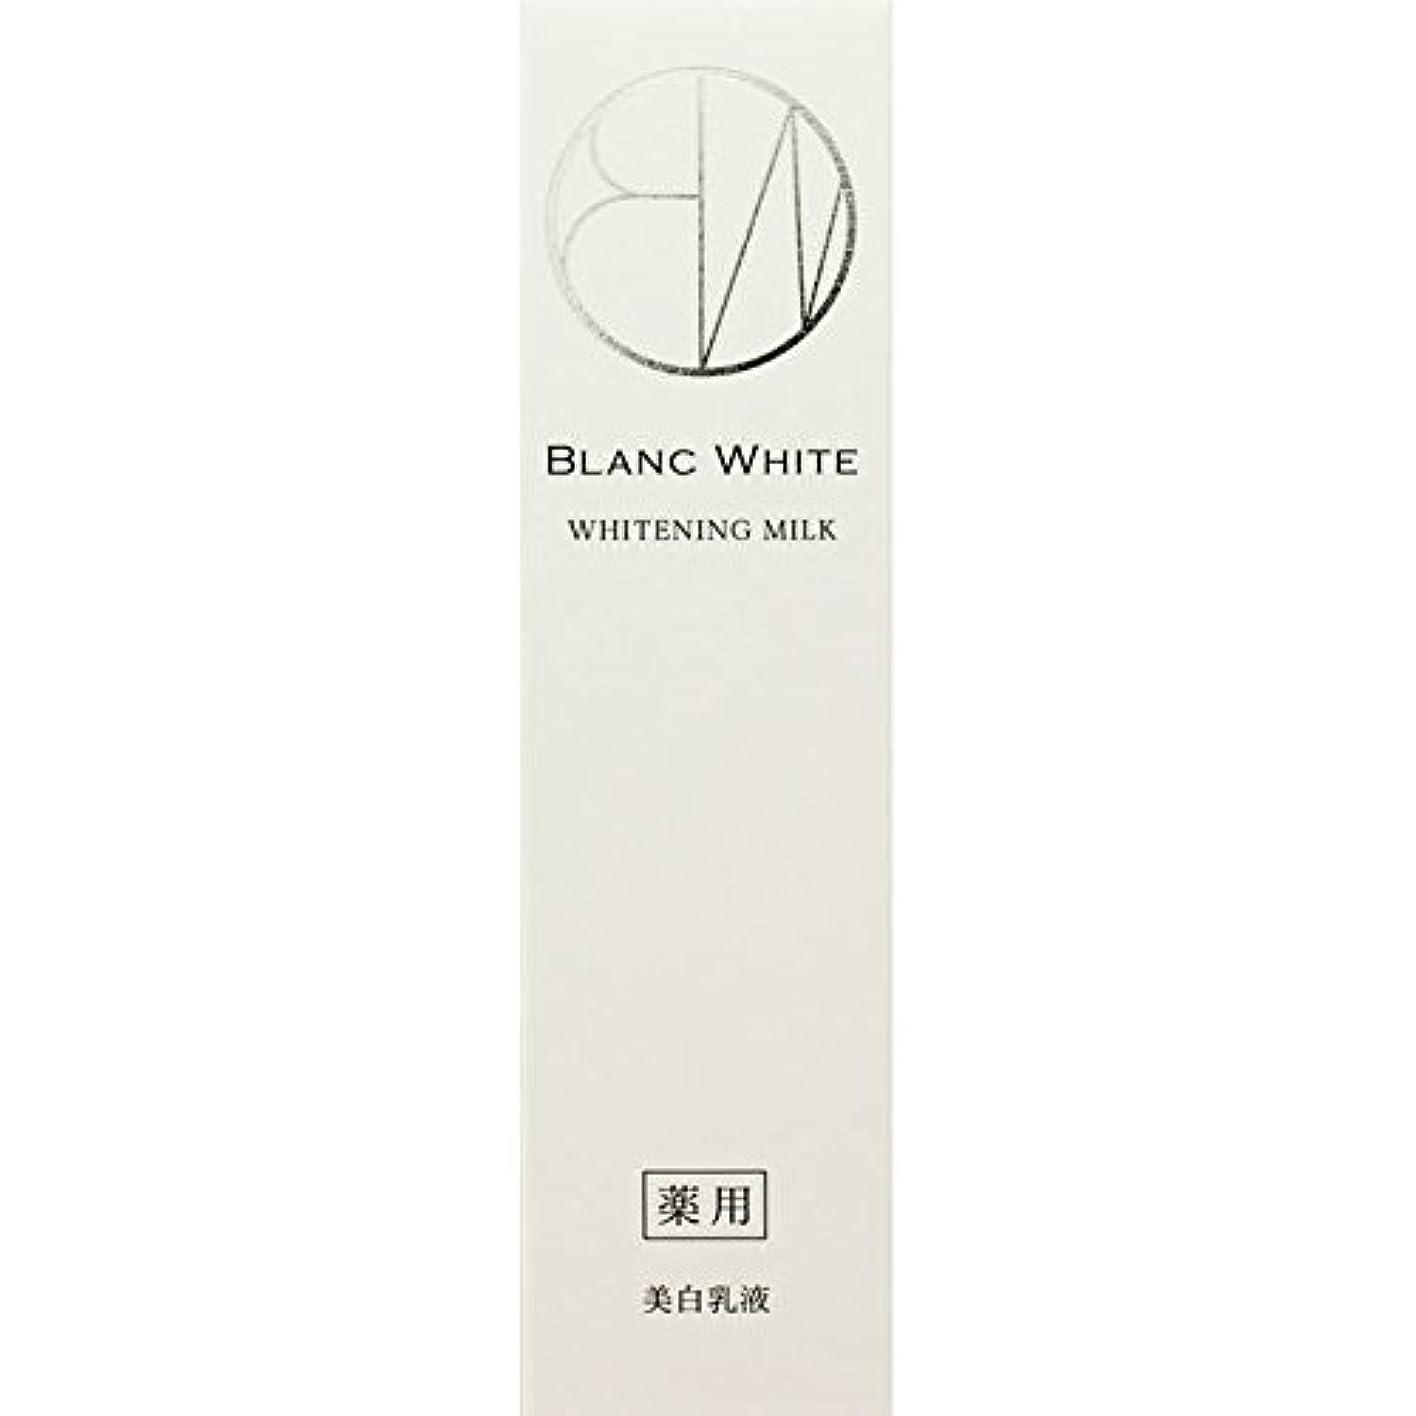 外国人オフ資源ブランホワイト ホワイトニングミルク 125ml (医薬部外品)